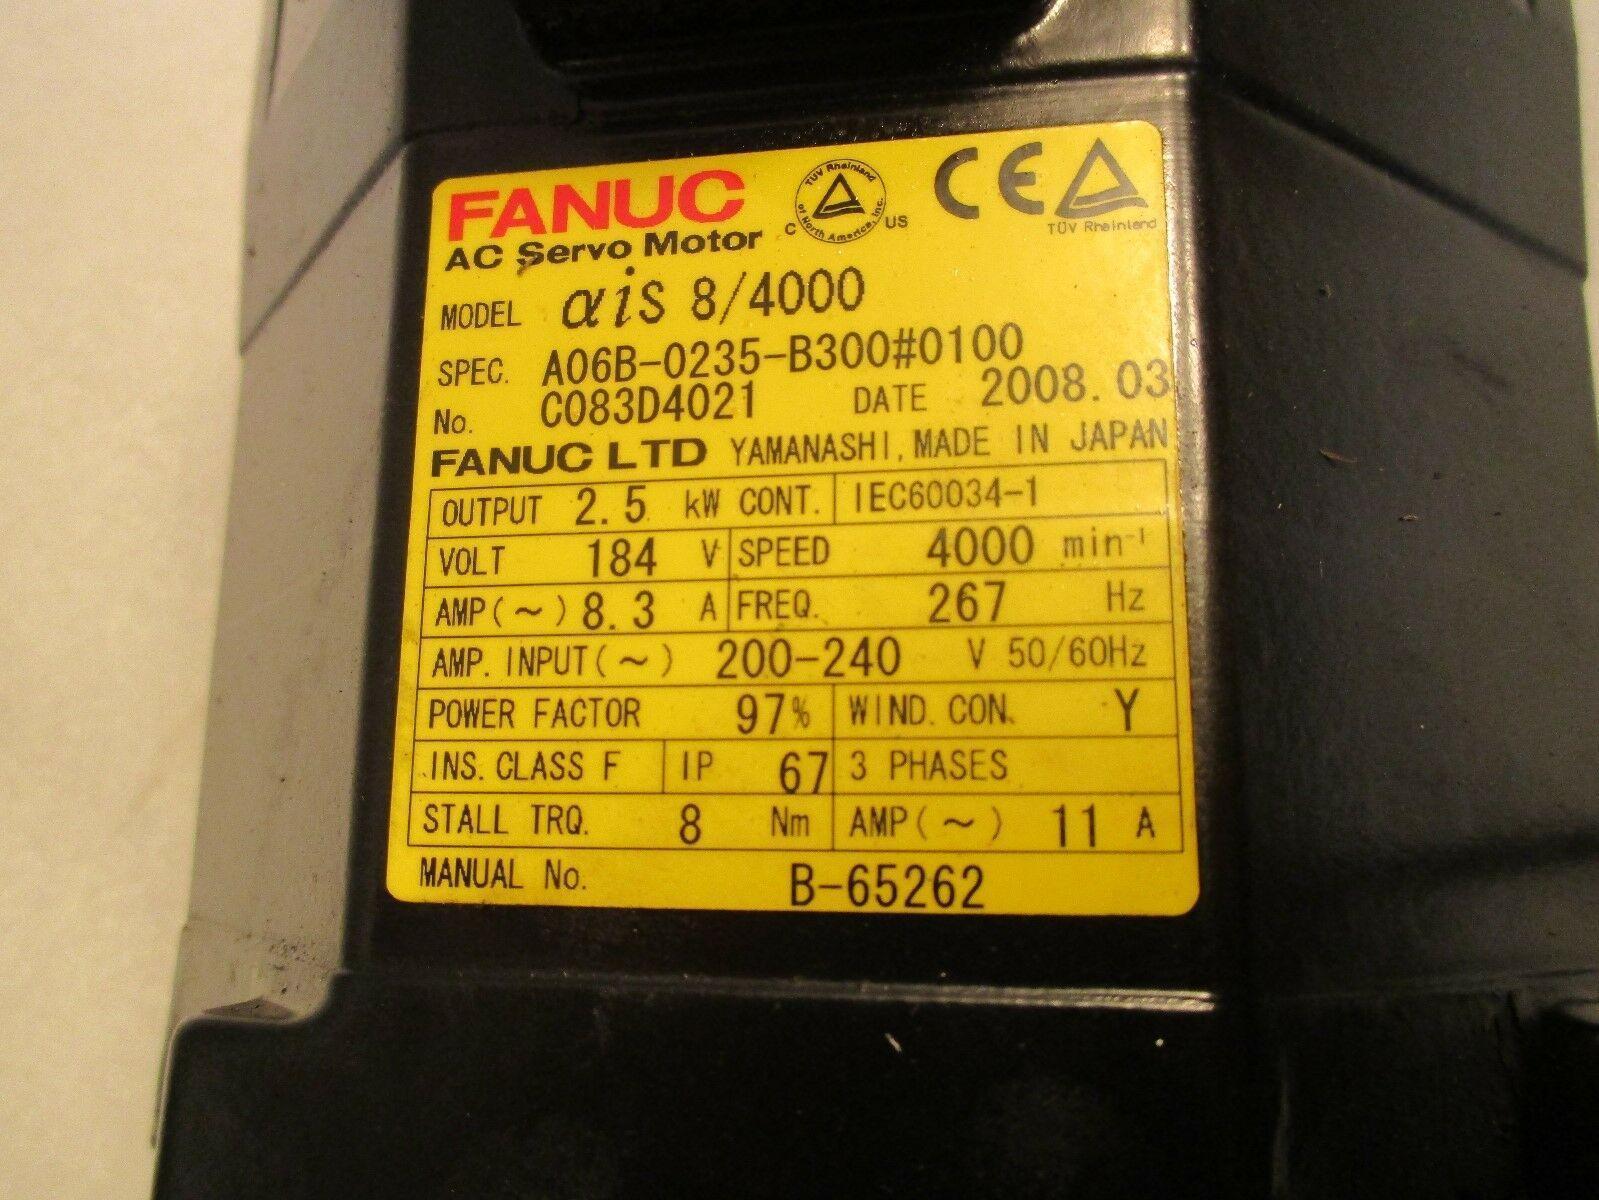 Fanuc Servo Motor Alpha iFS 8/4000 A06B-0235-B300